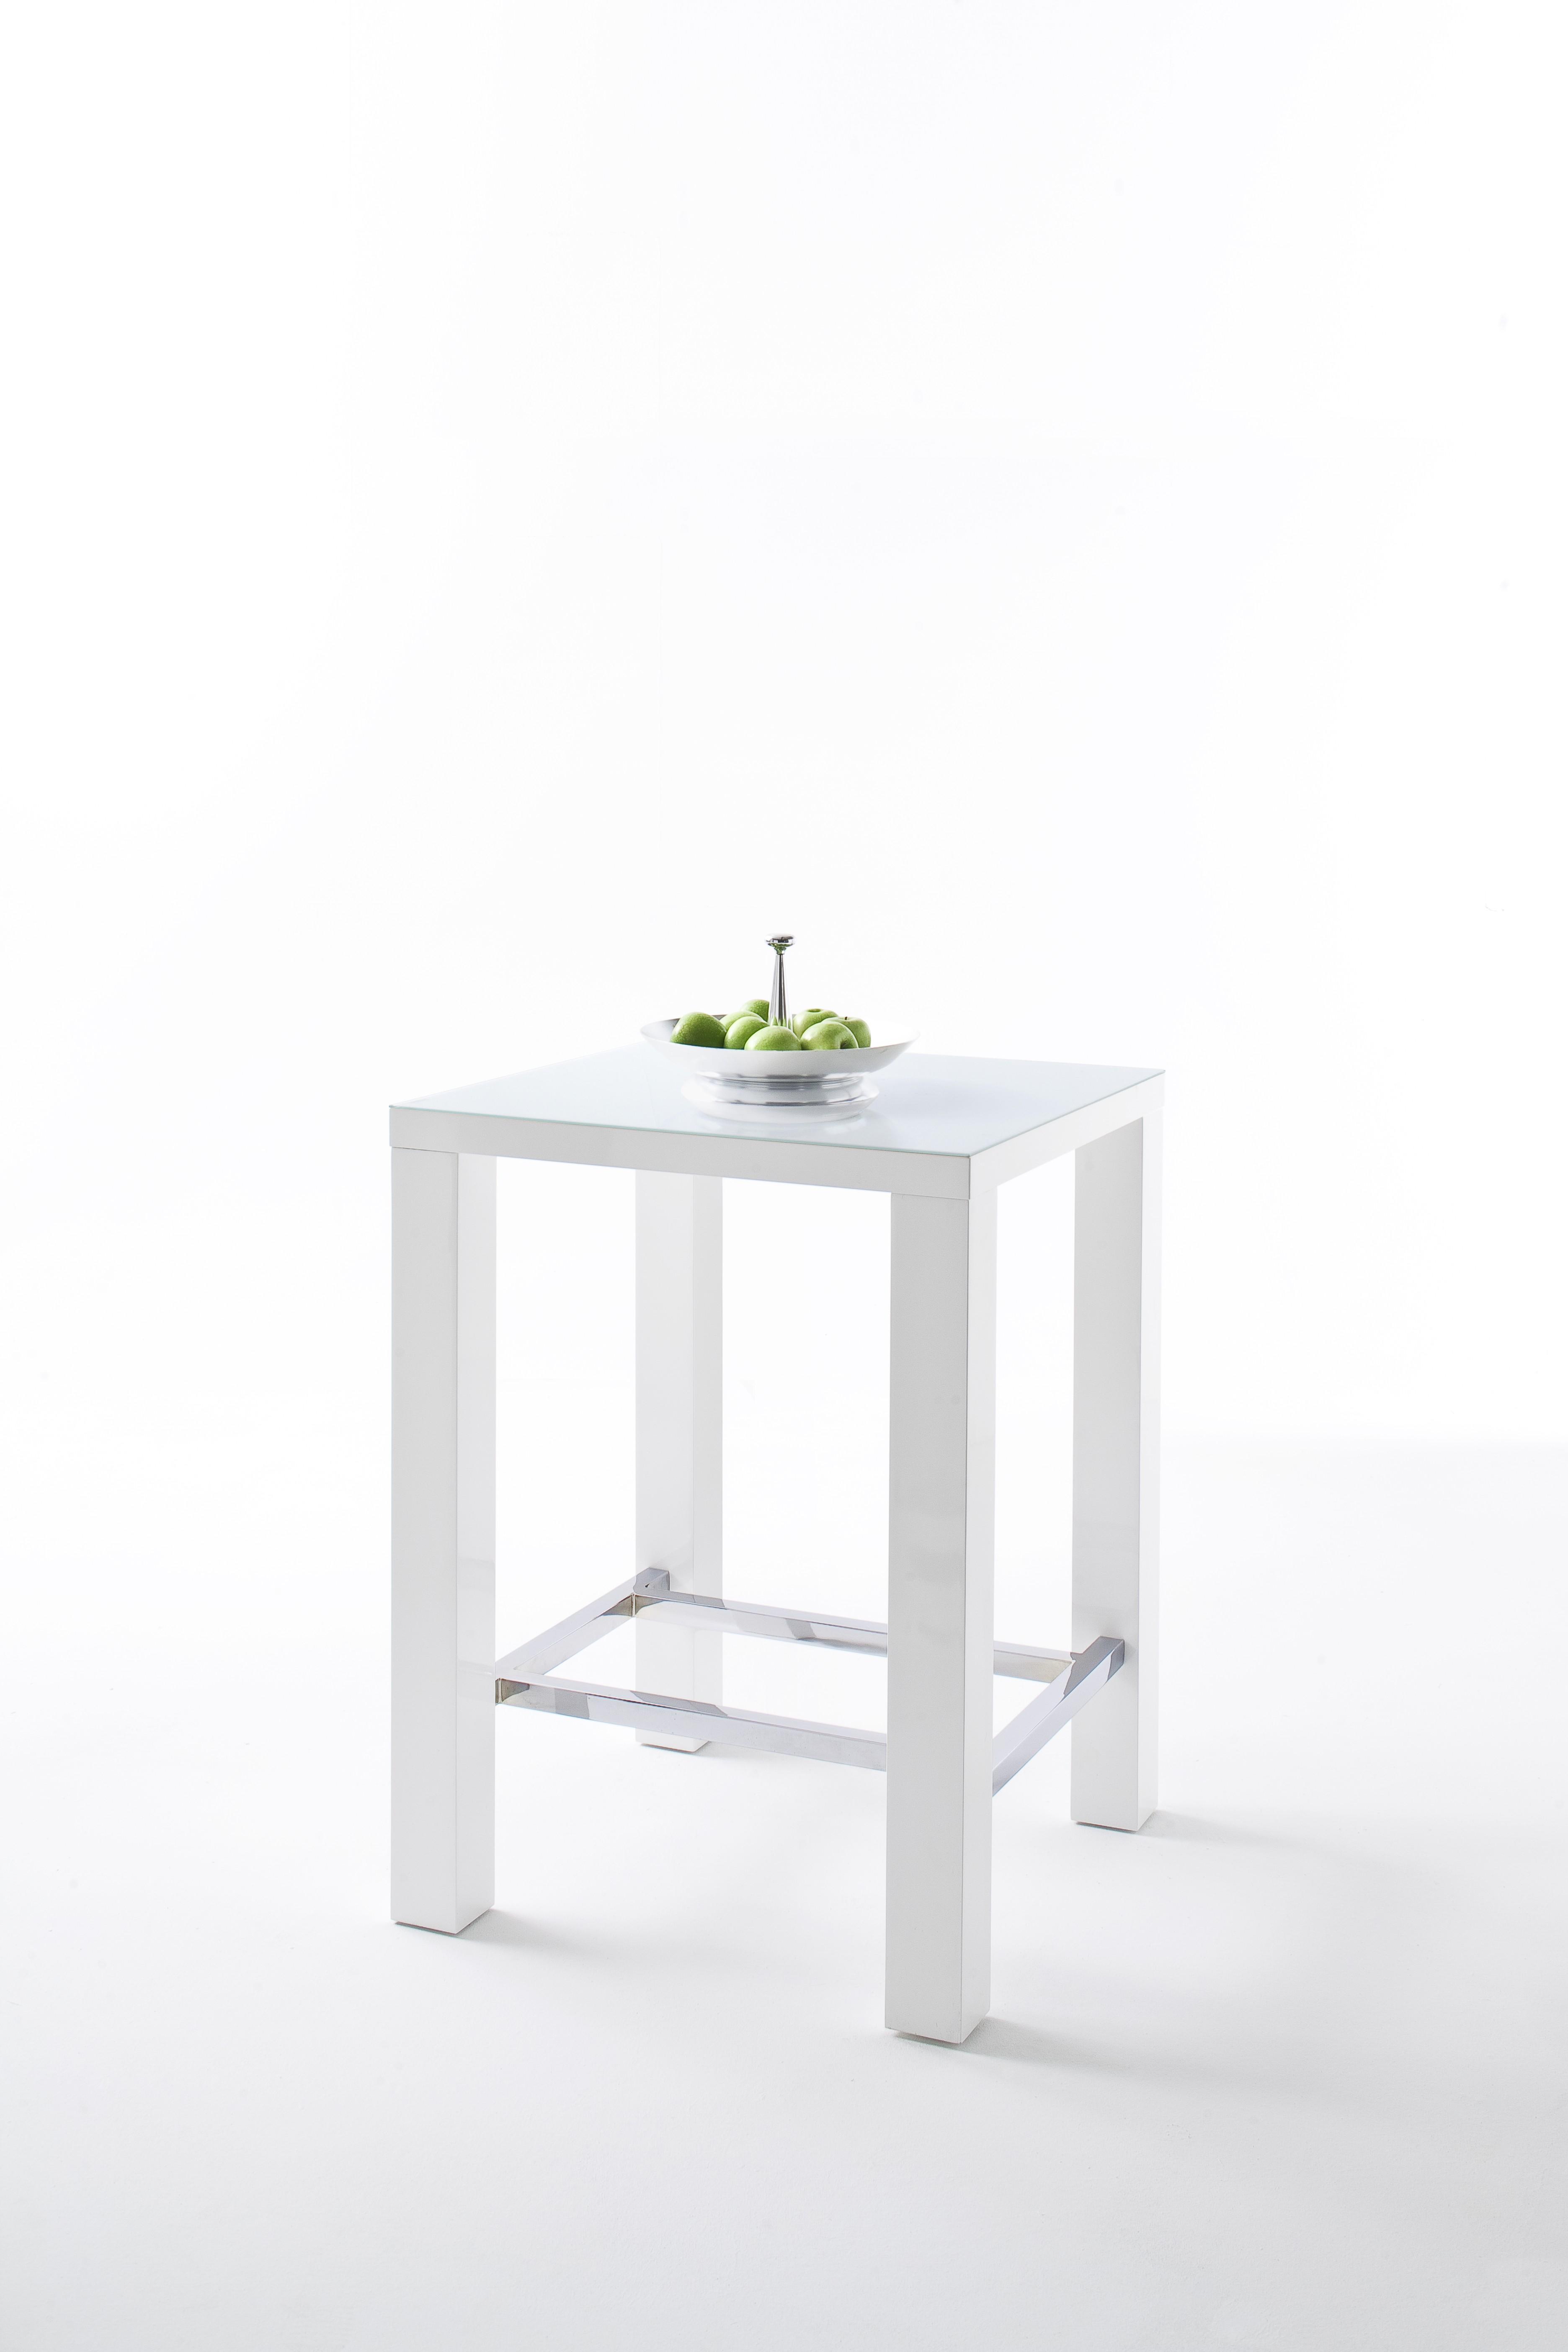 Jelly Bartisch Hochglanz Weiß 80x107x80